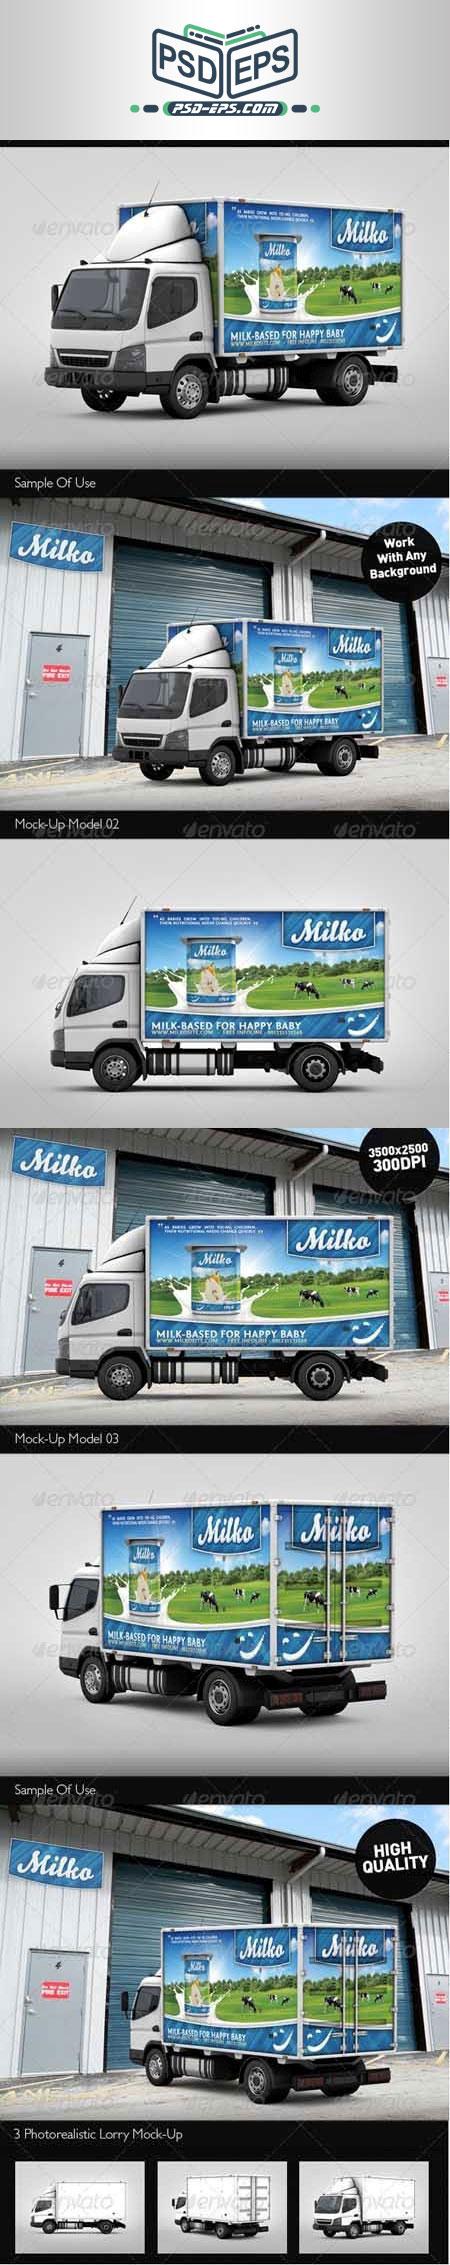 psd eps - لایه باز موکاپ کانتینر یخچالی کامیونت باربری ویژه درج طراحی روی کشنده کامیون